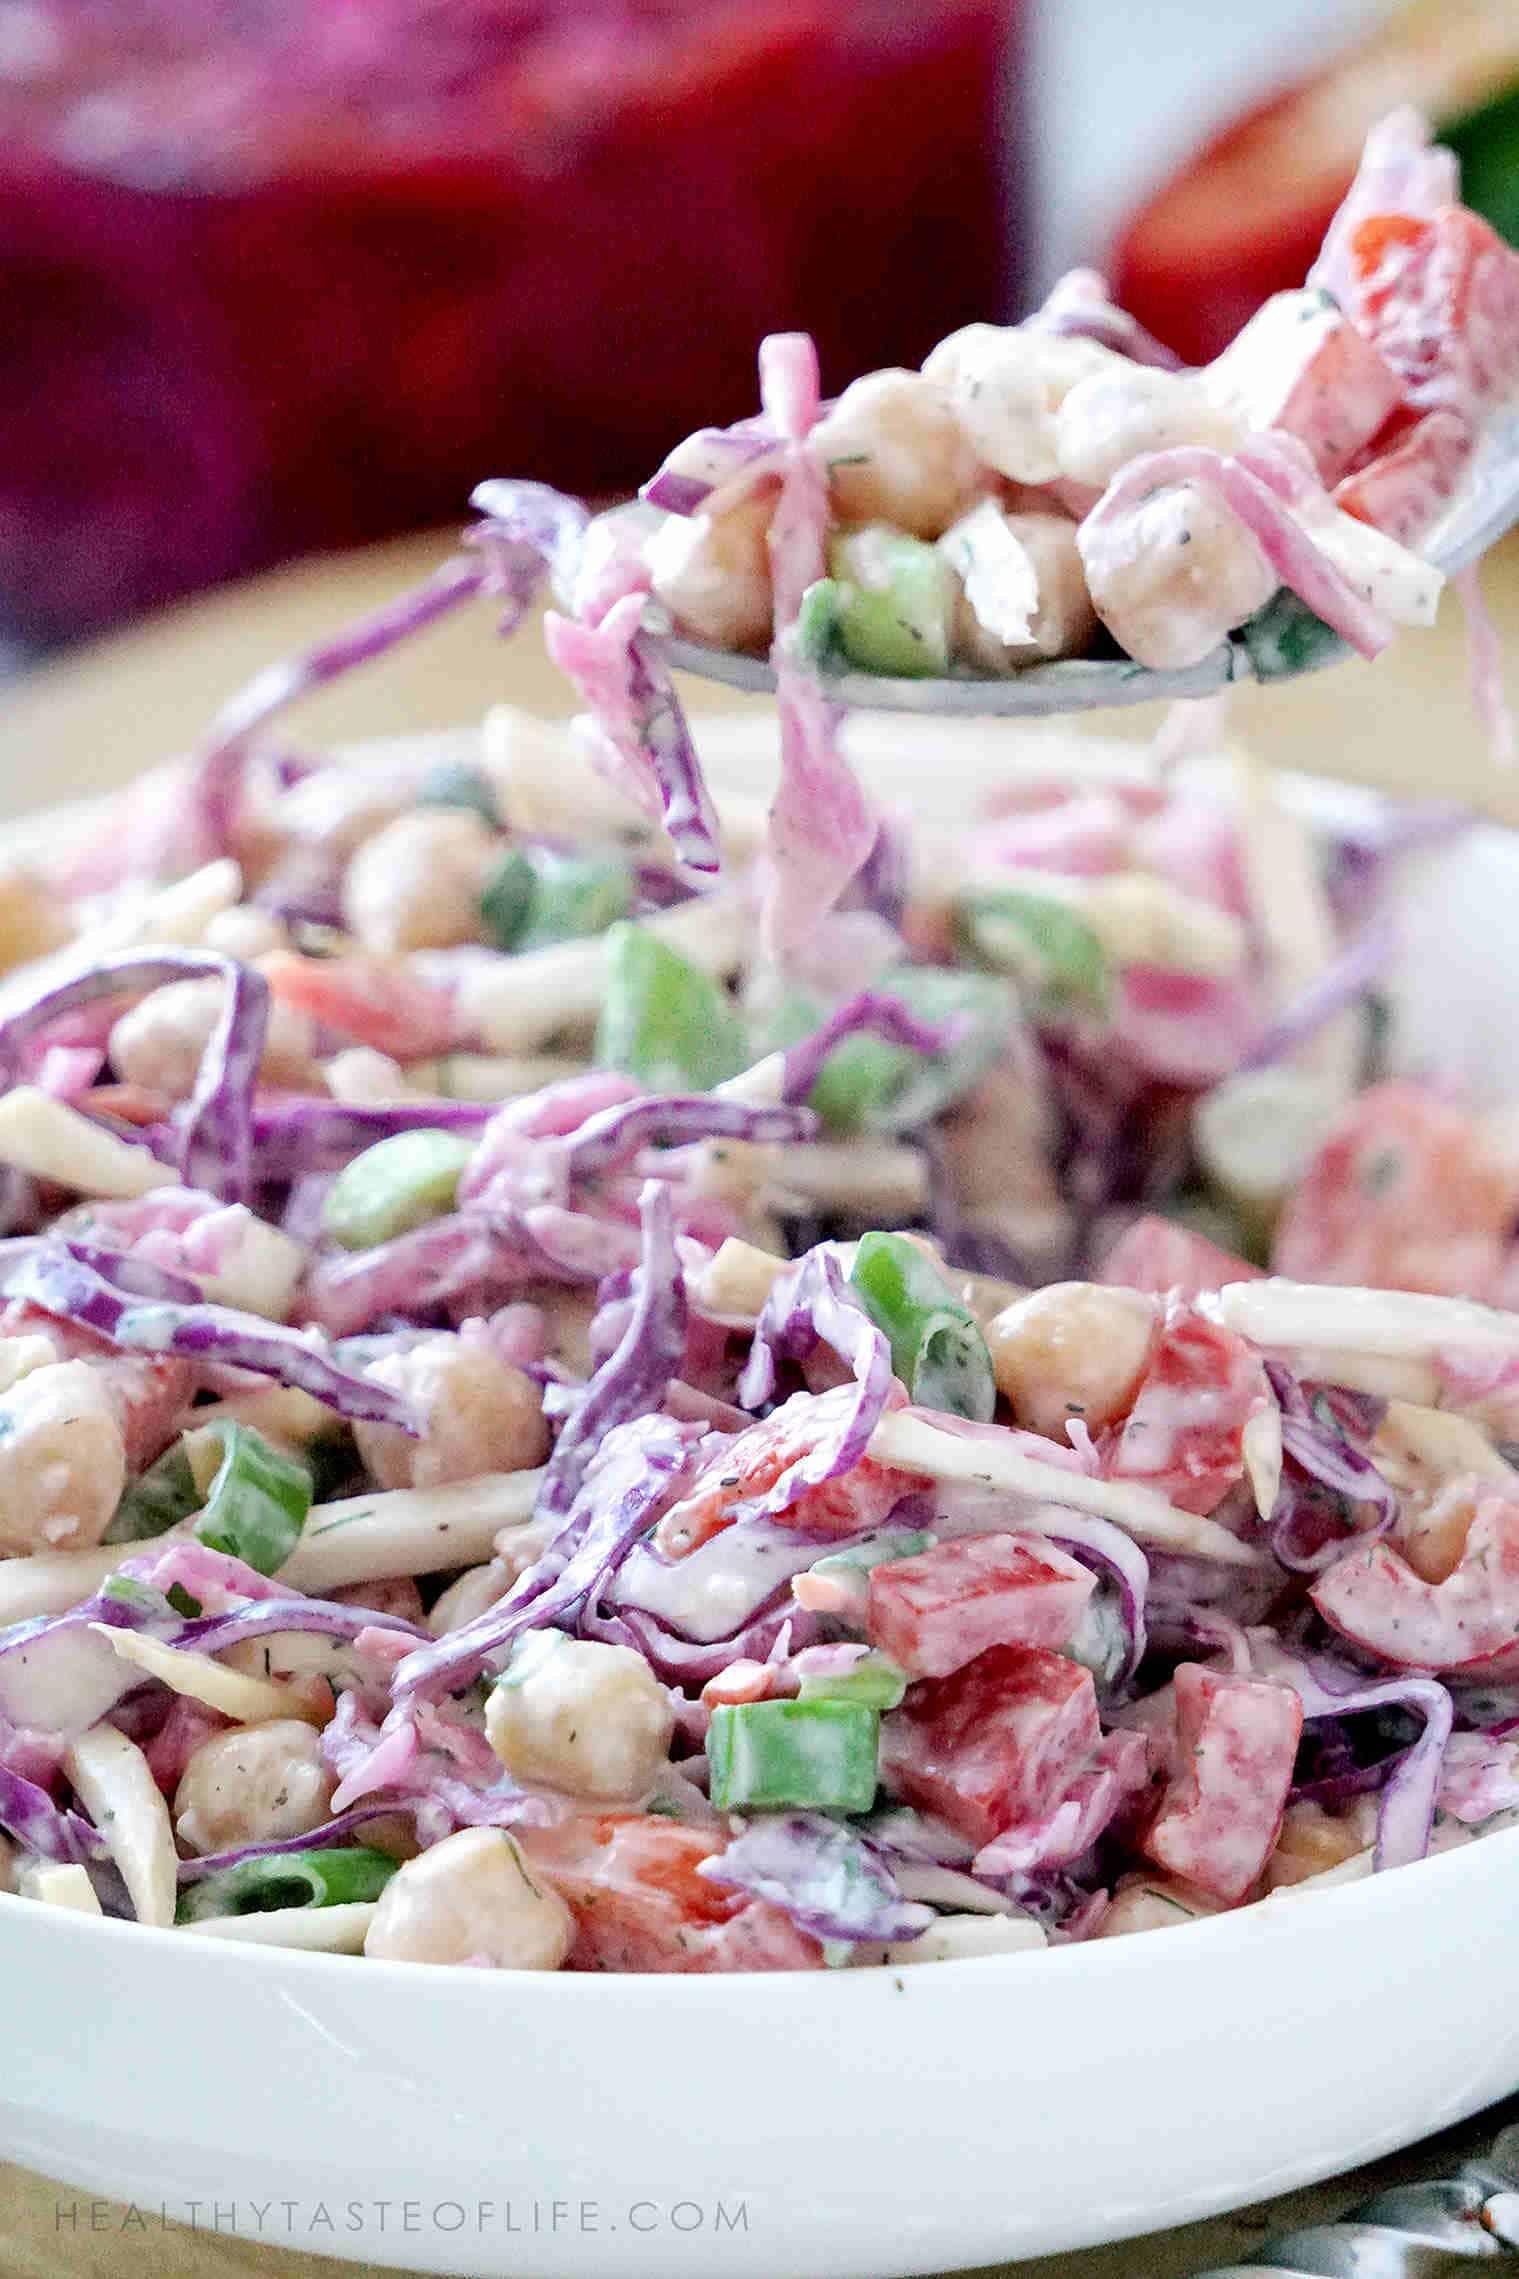 Vegan chickpea salad recipe + dressing